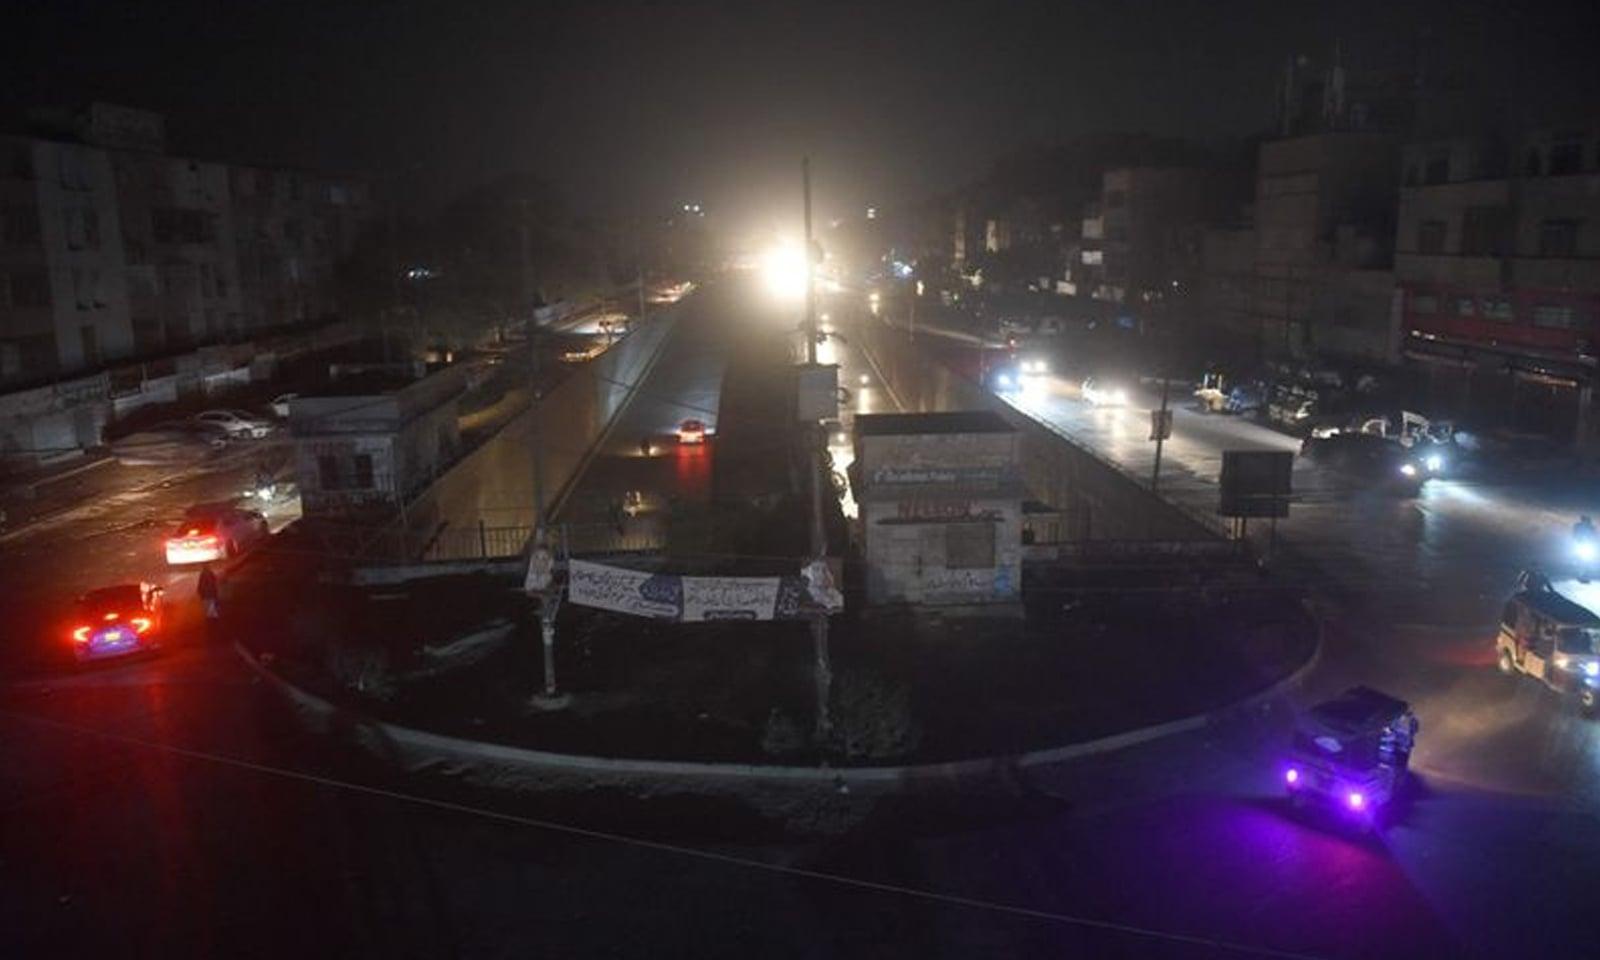 اتنے بڑے پیمانے پر بجلی کی بندش سے متعلق مختلف قیاس آرائیاں اور چہ مگوئیاں جاری تھیں— فوٹو: اے ایف پی